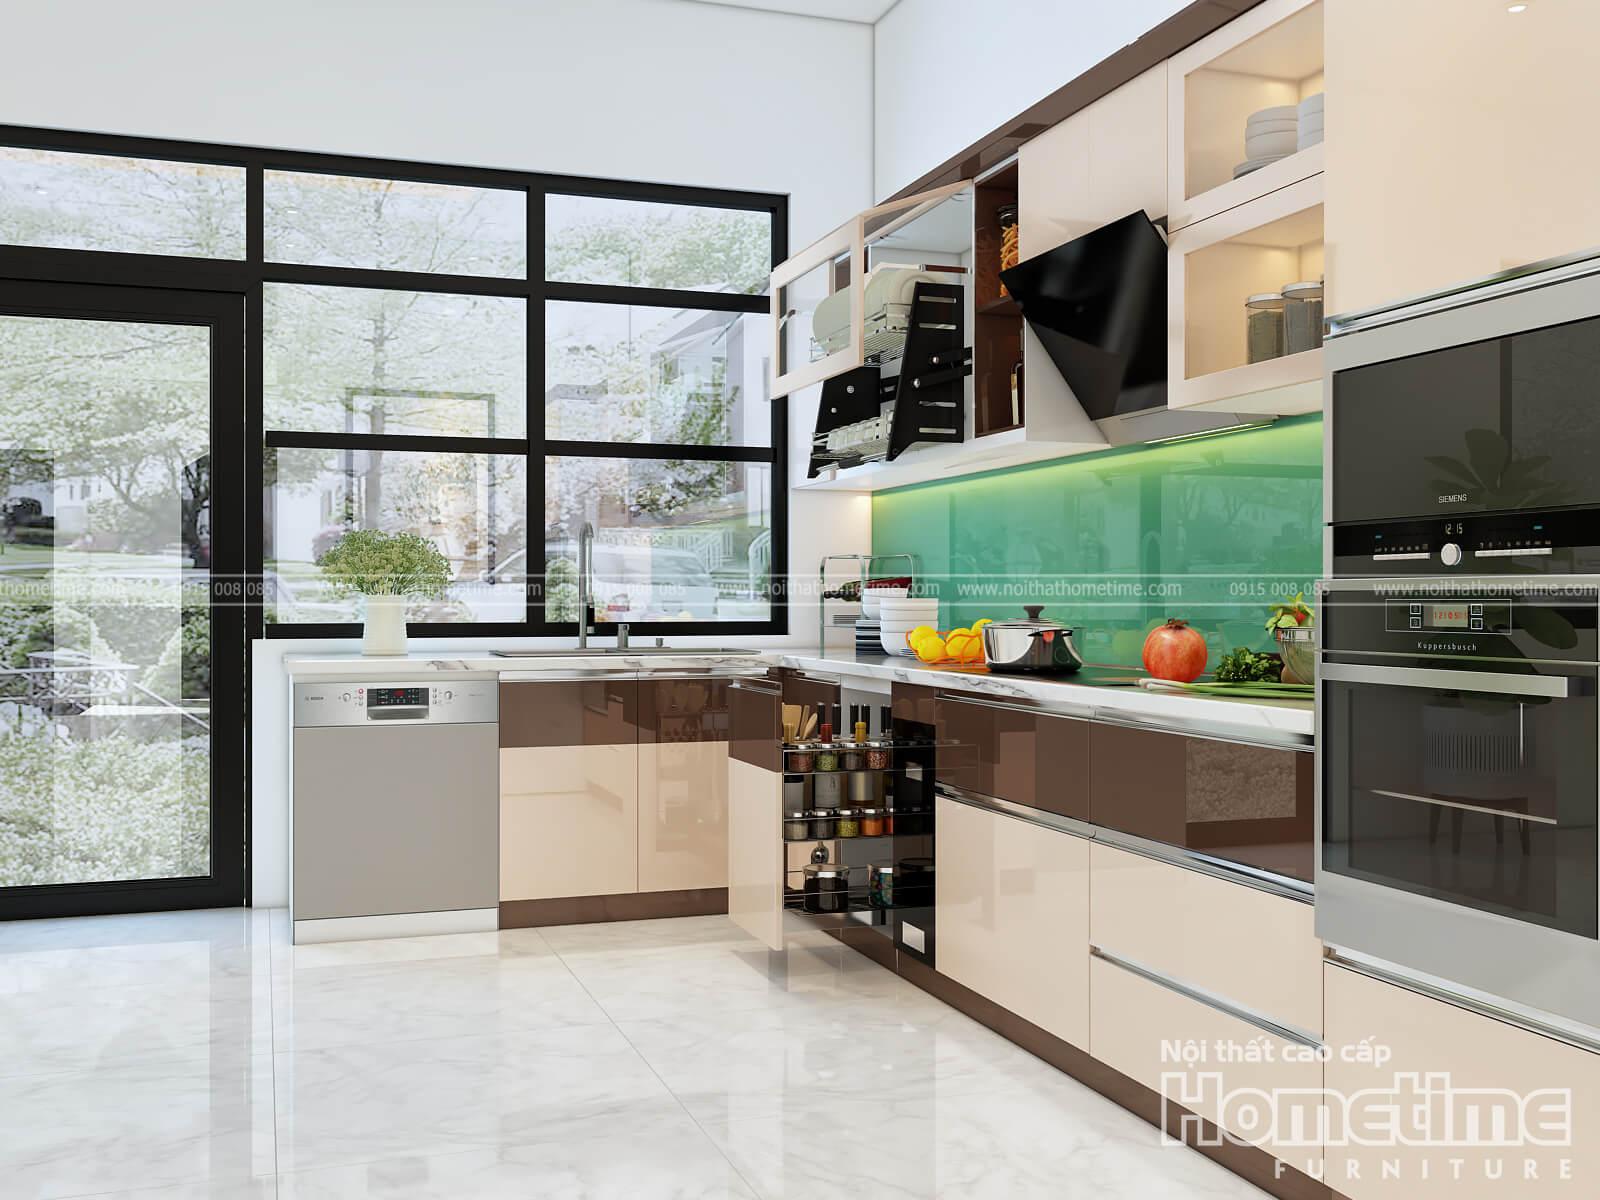 Hướng nhìn cạnh tủ bếp nhựa hiện đại nhà anh Khái